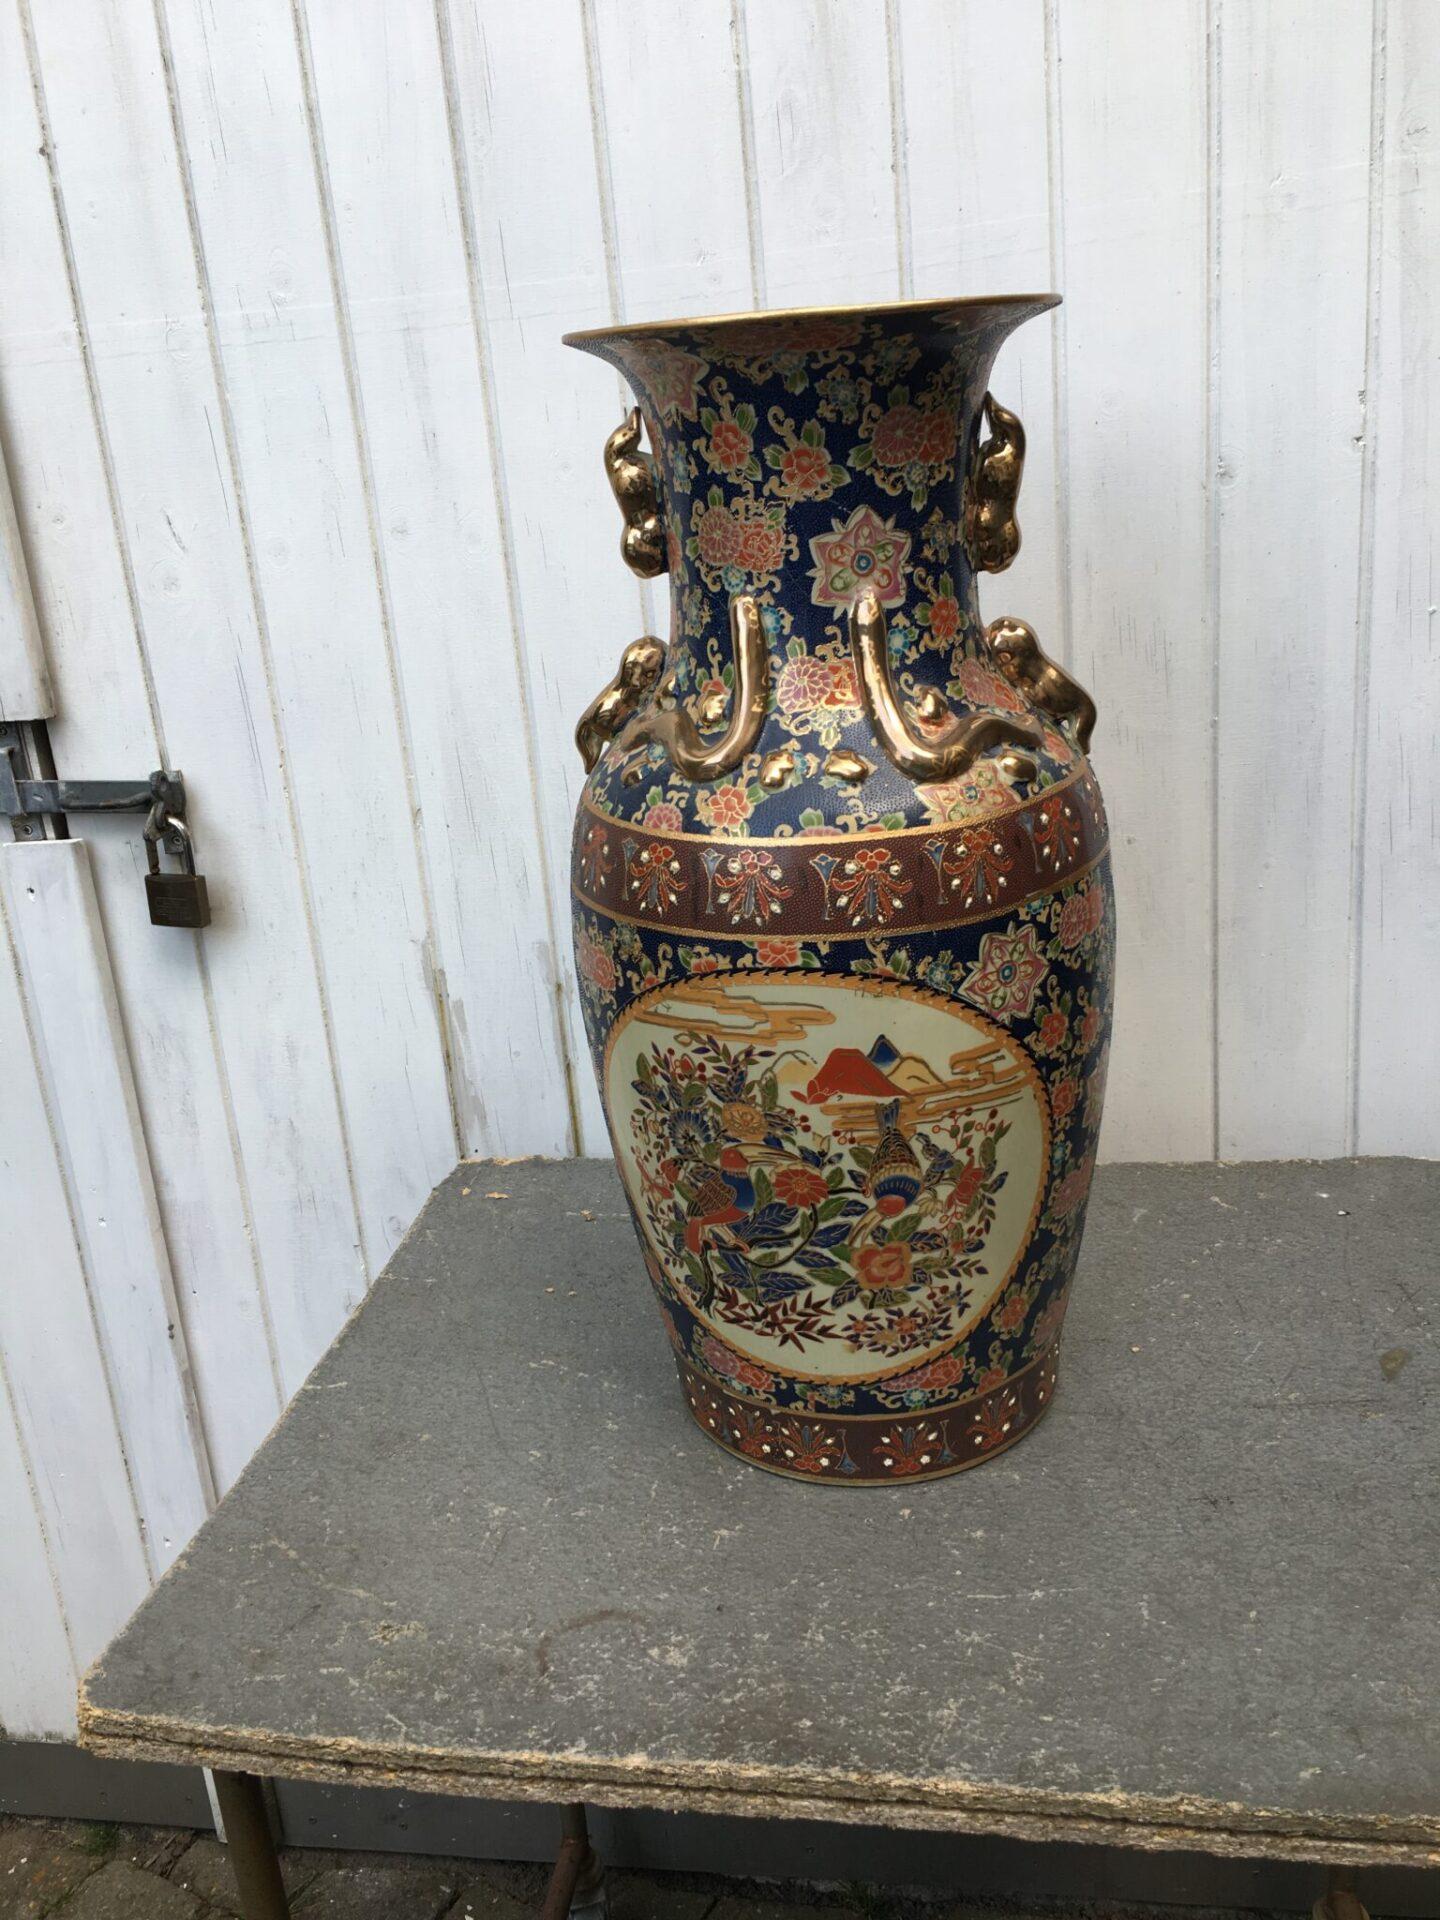 Kinesisk kolossal vase, h=63 cm, pris 500 kr